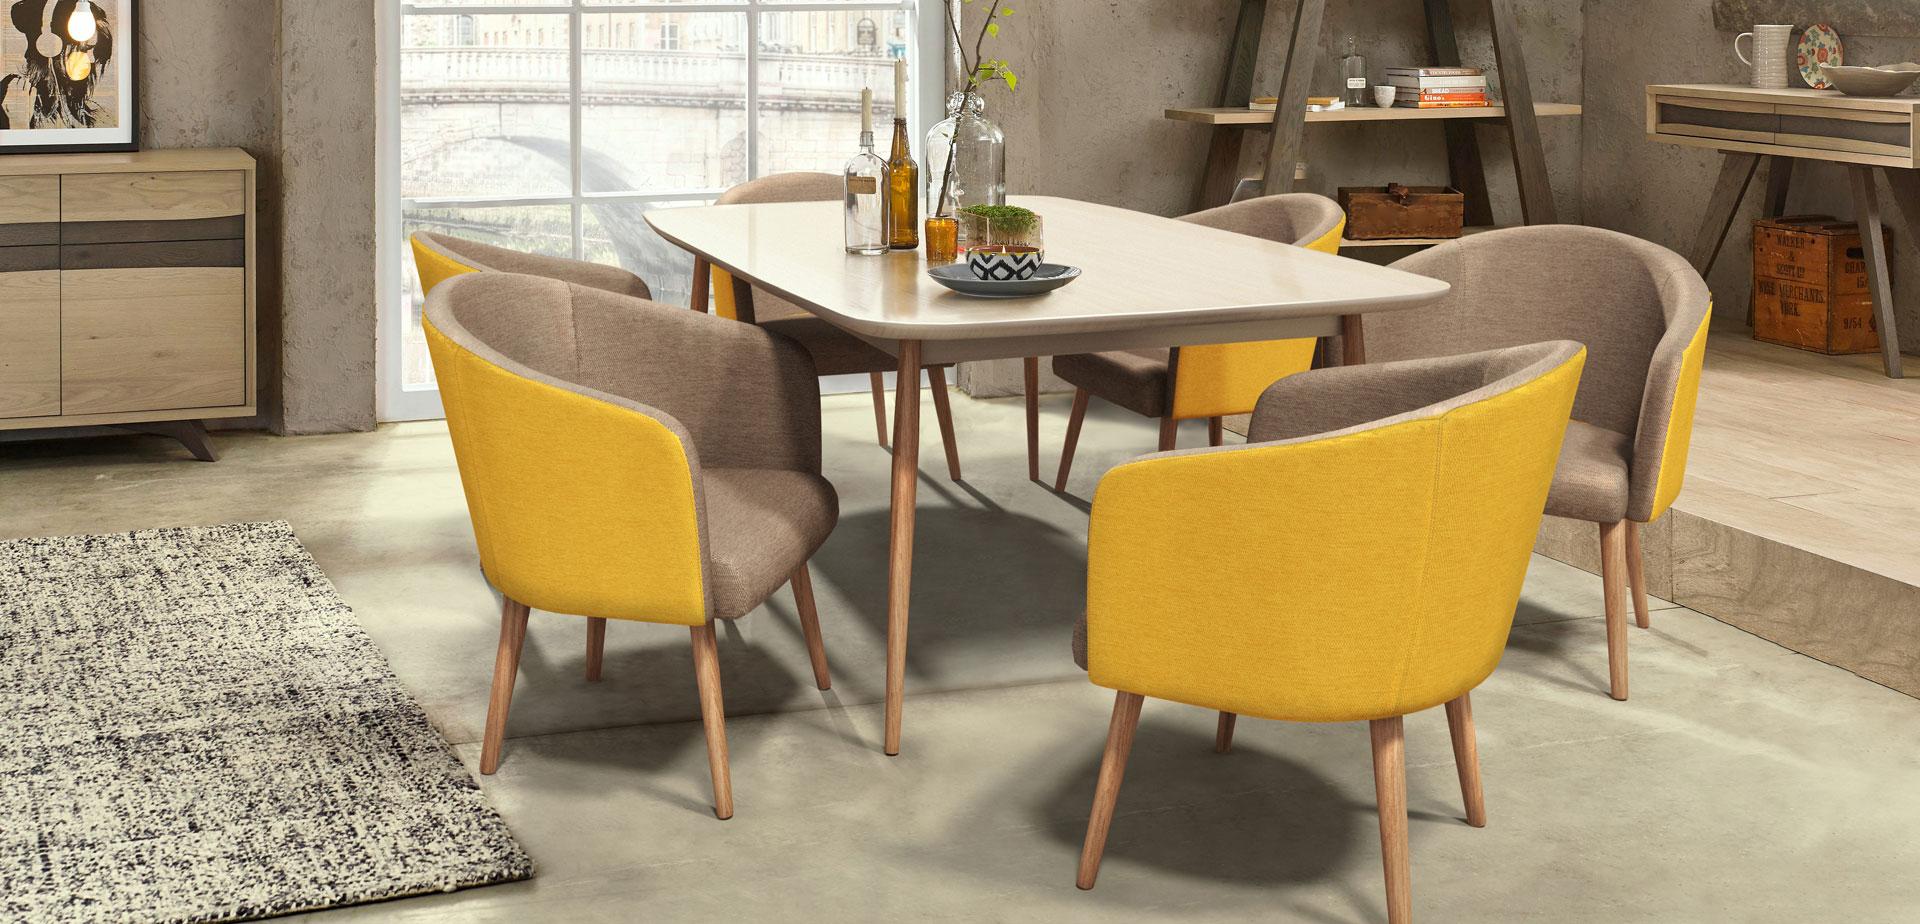 Kárpitozott székek – klasszikus stílus